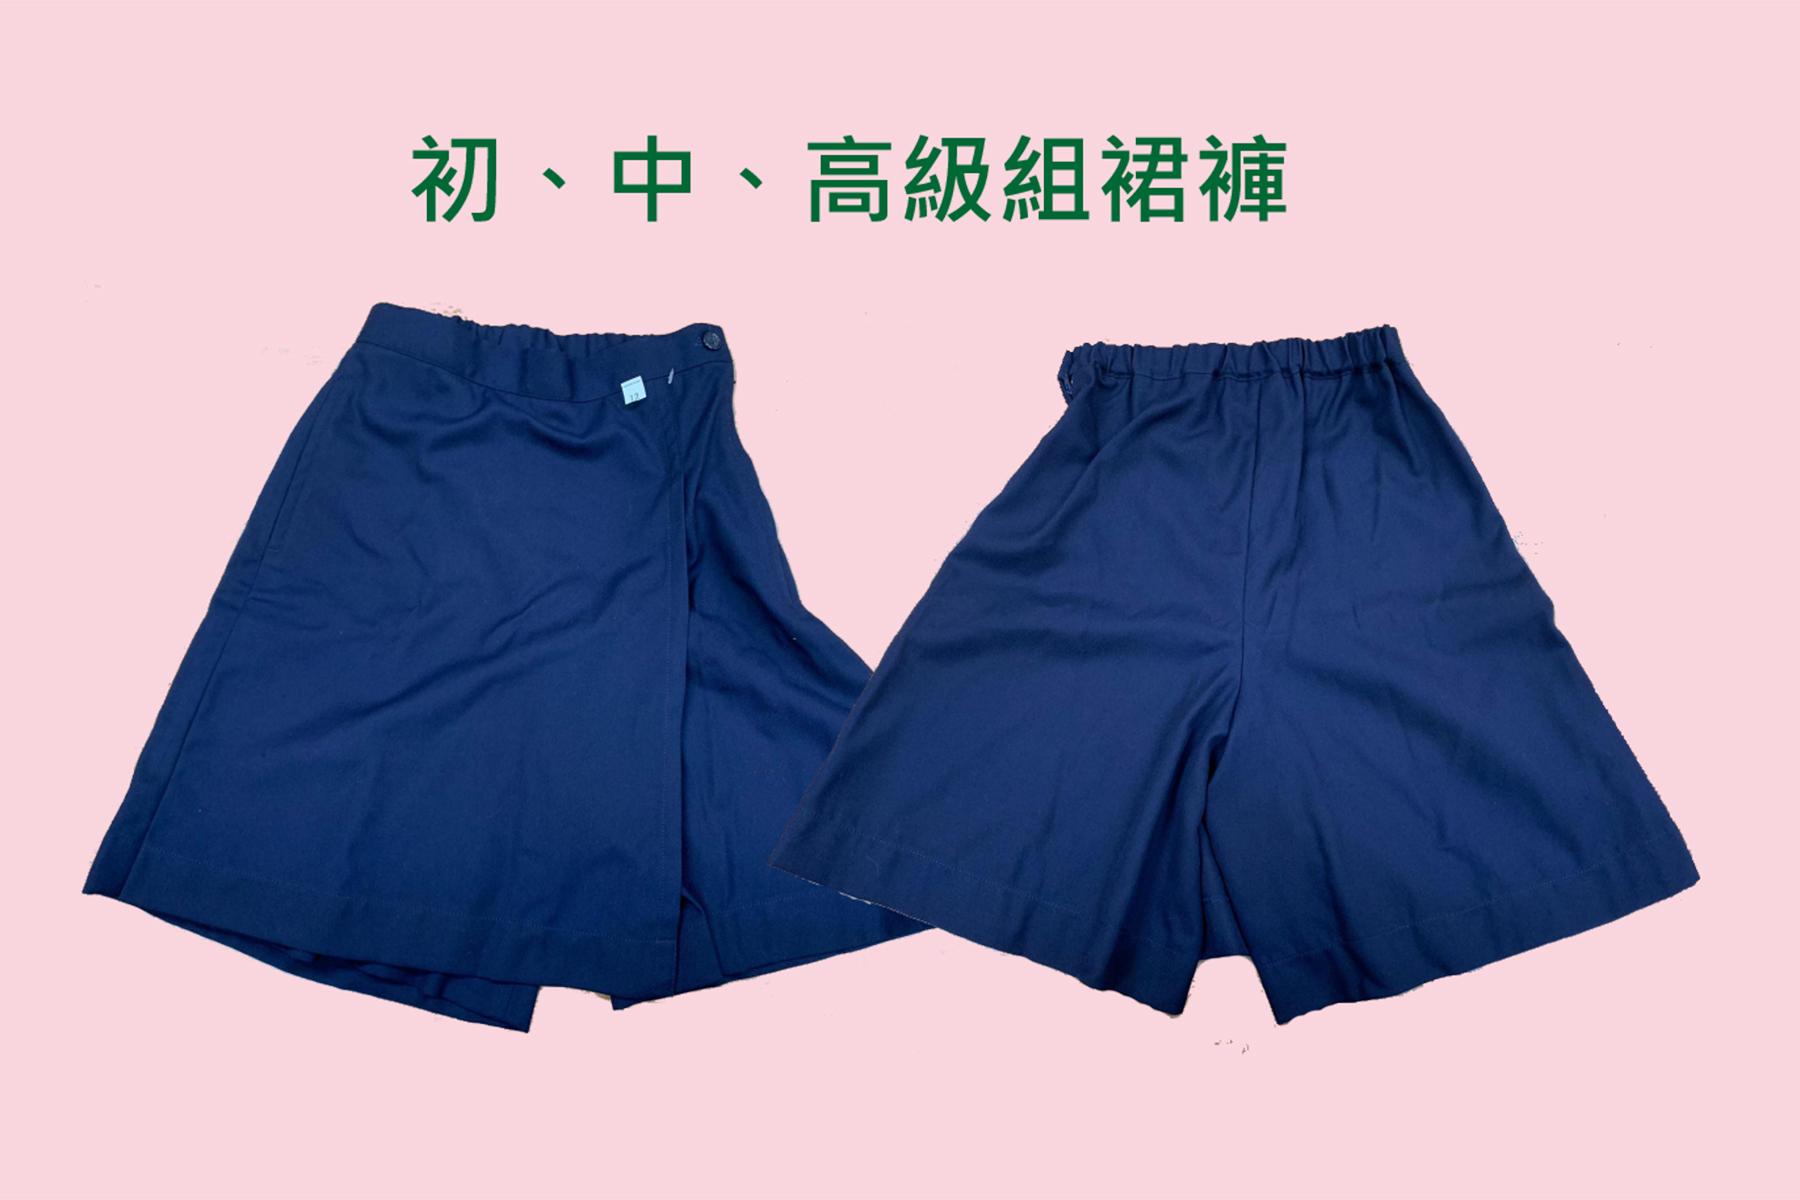 裙褲photo